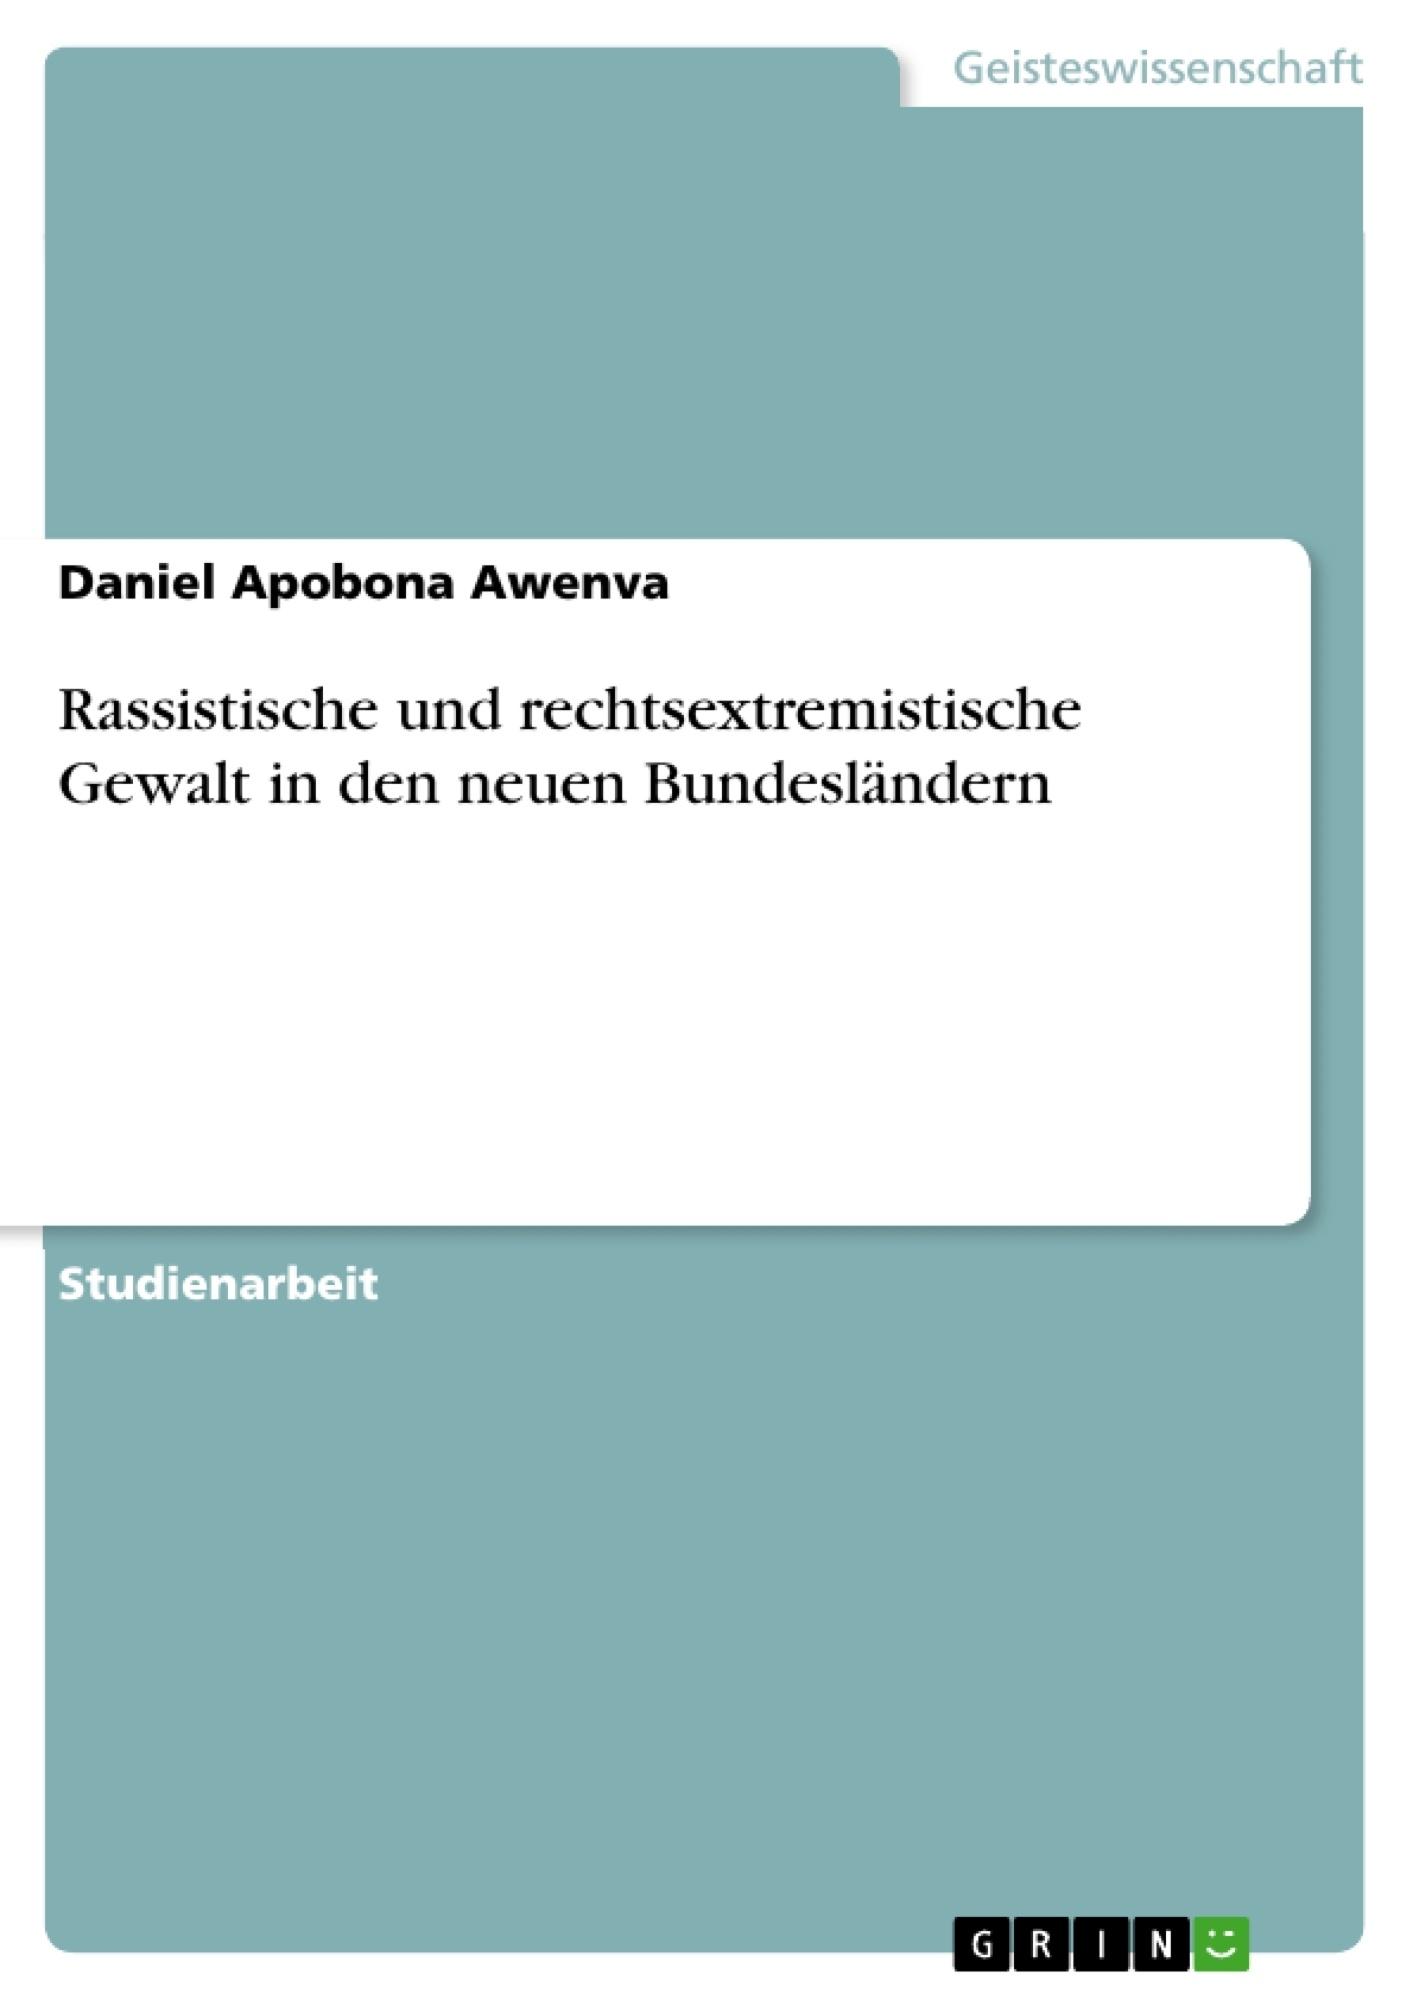 Titel: Rassistische und rechtsextremistische Gewalt in den neuen Bundesländern